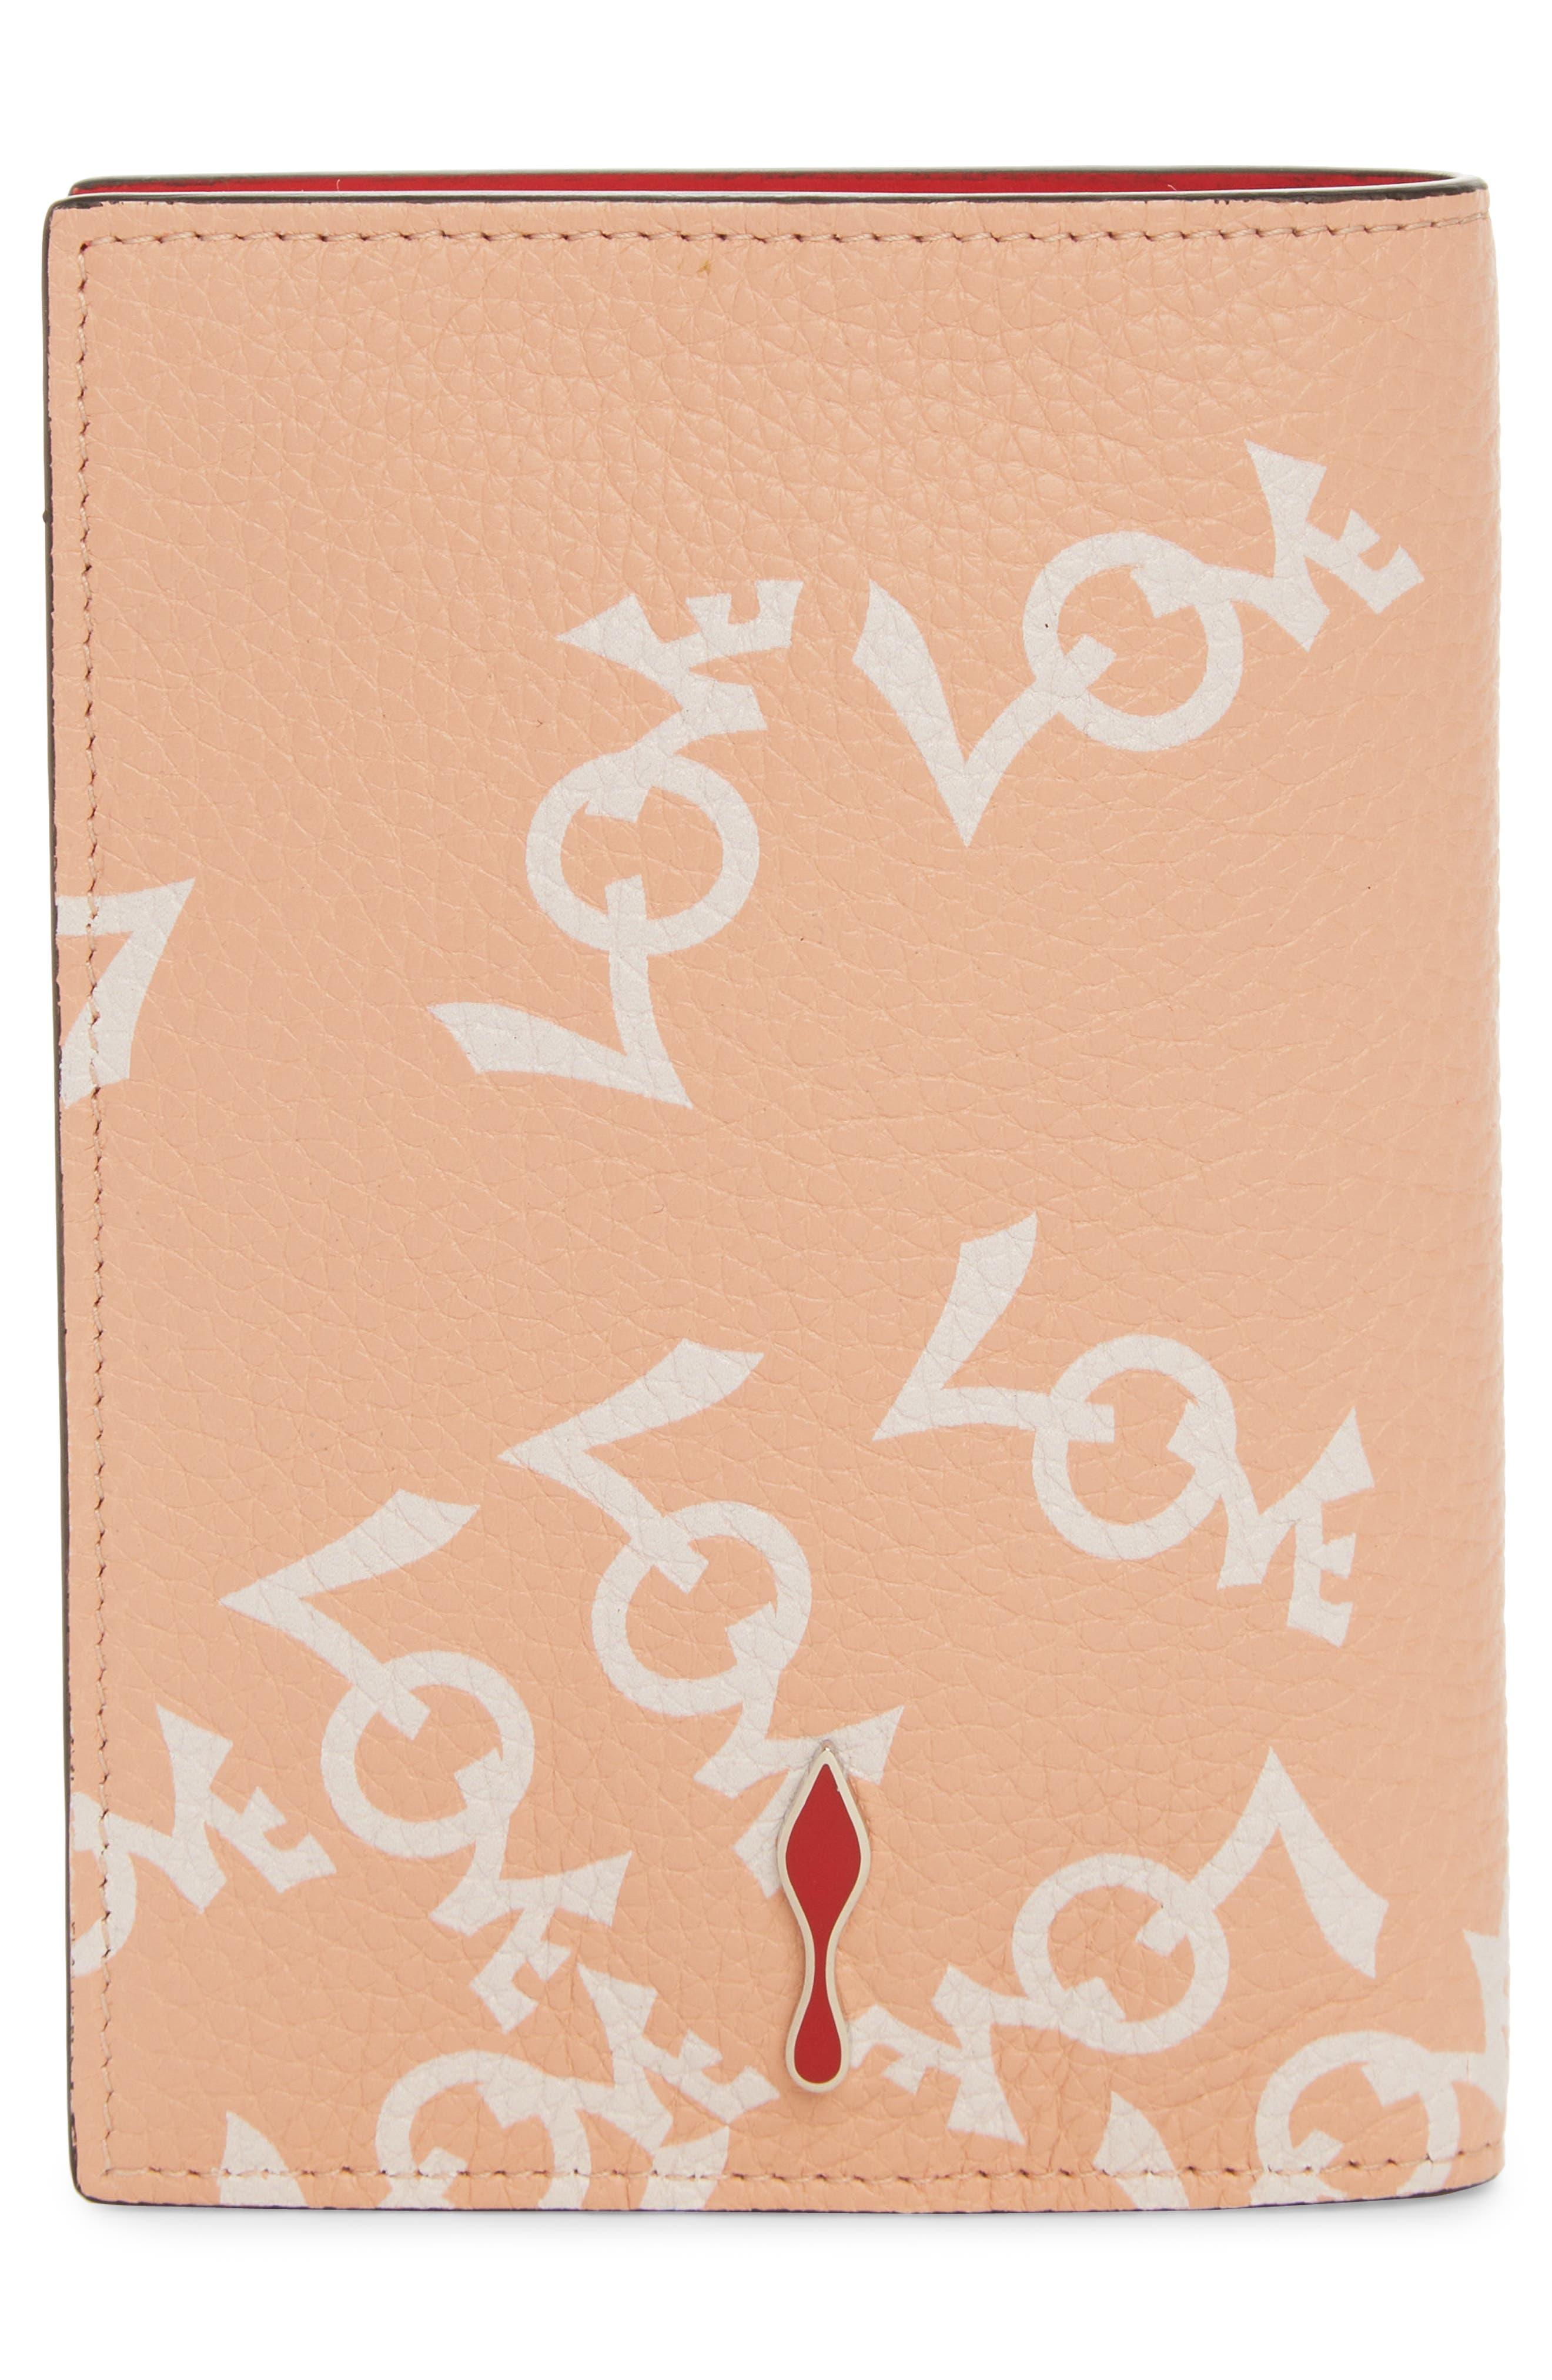 Loubipass Crazy Love Passport,                             Alternate thumbnail 3, color,                             Soie-Latte/ Silver